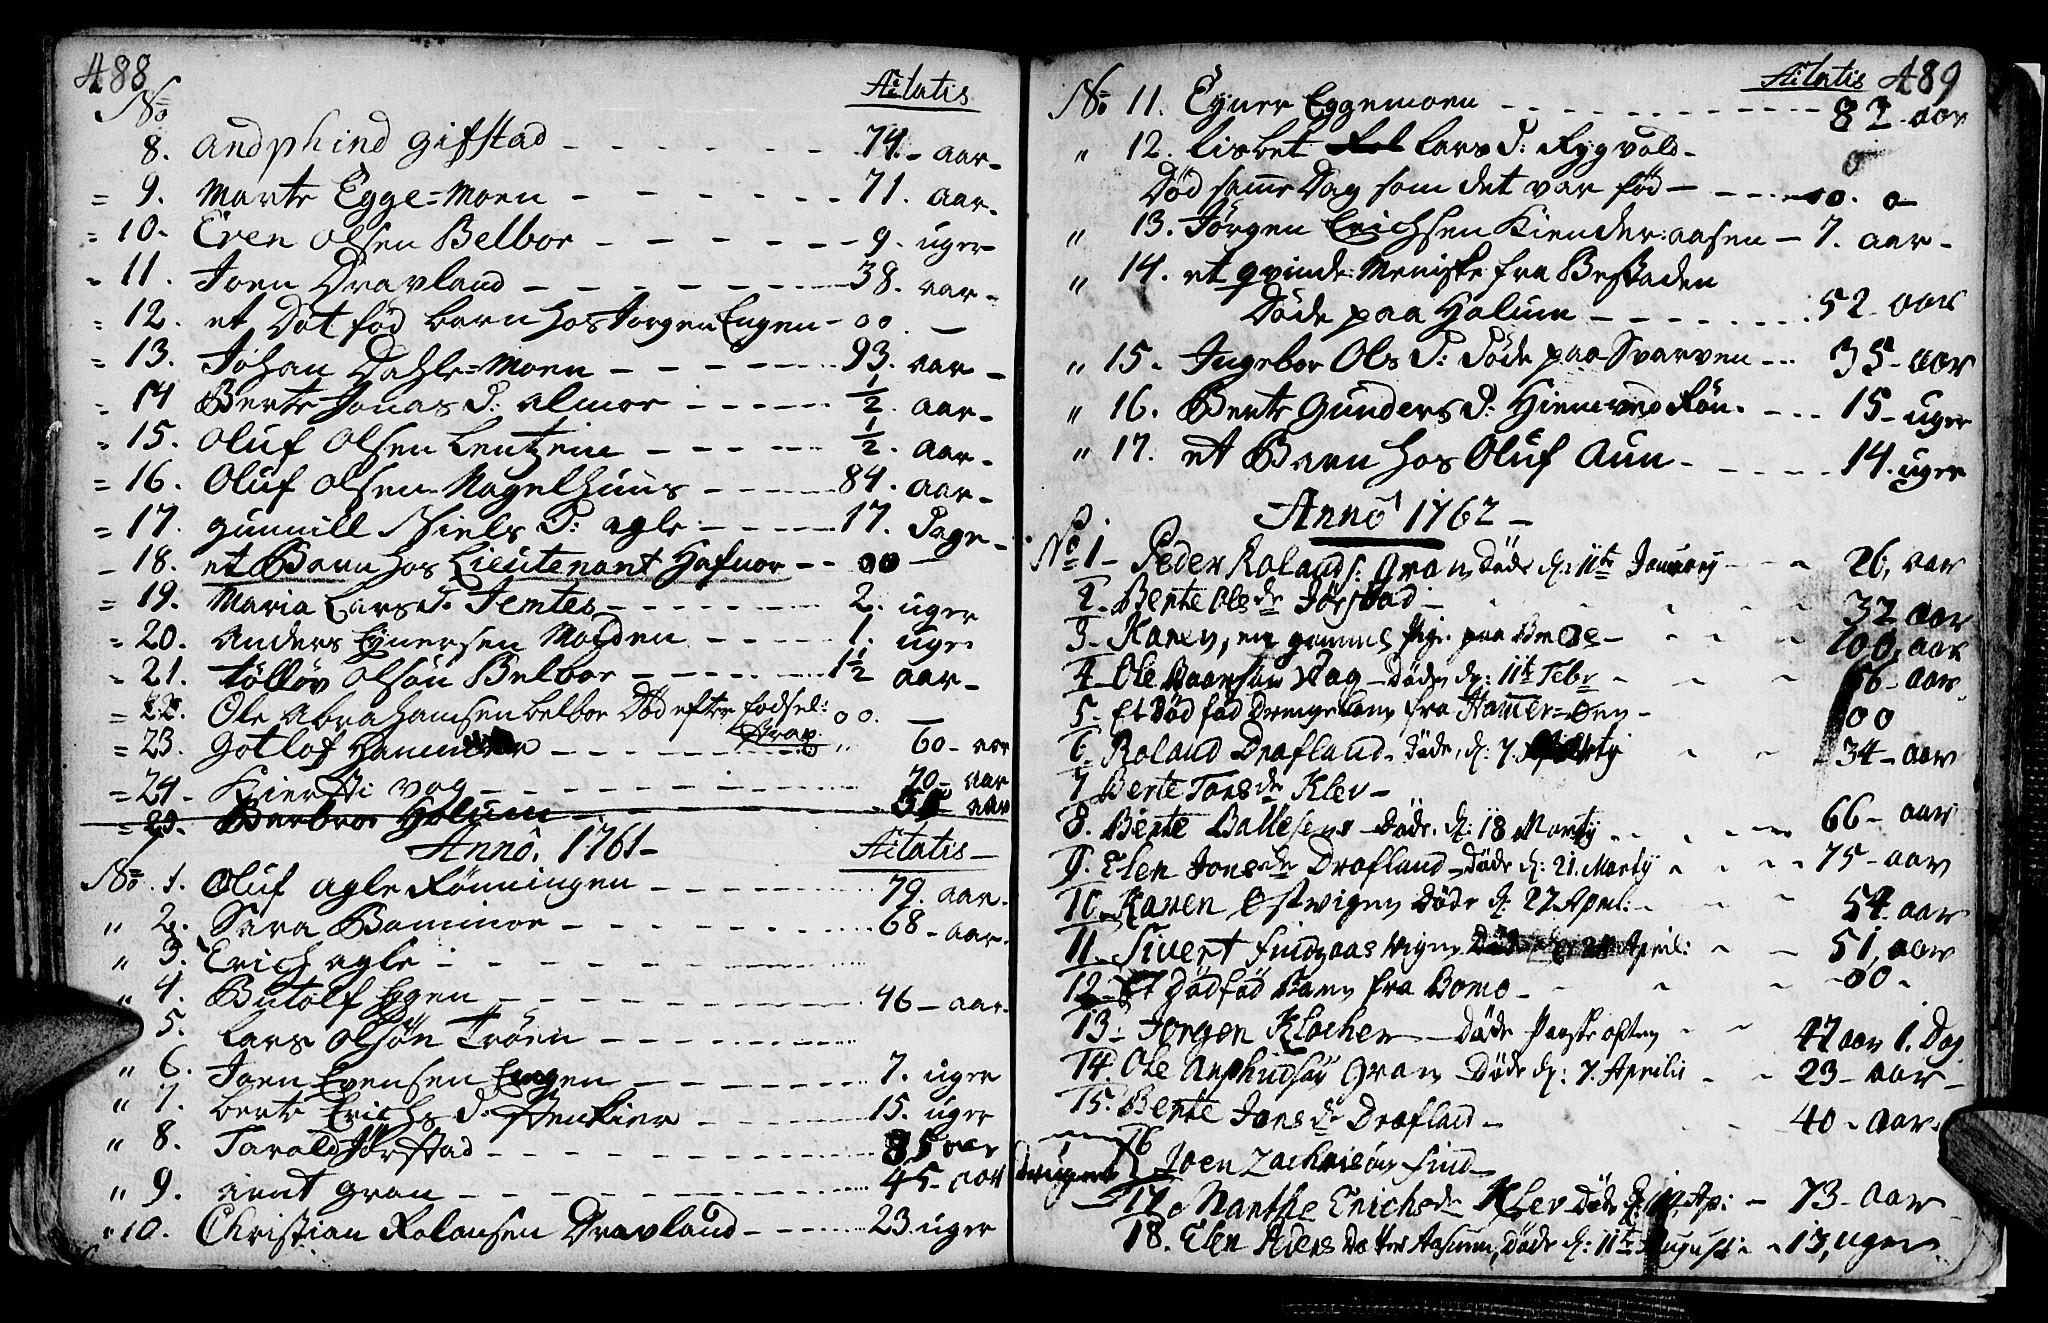 SAT, Ministerialprotokoller, klokkerbøker og fødselsregistre - Nord-Trøndelag, 749/L0467: Ministerialbok nr. 749A01, 1733-1787, s. 488-489